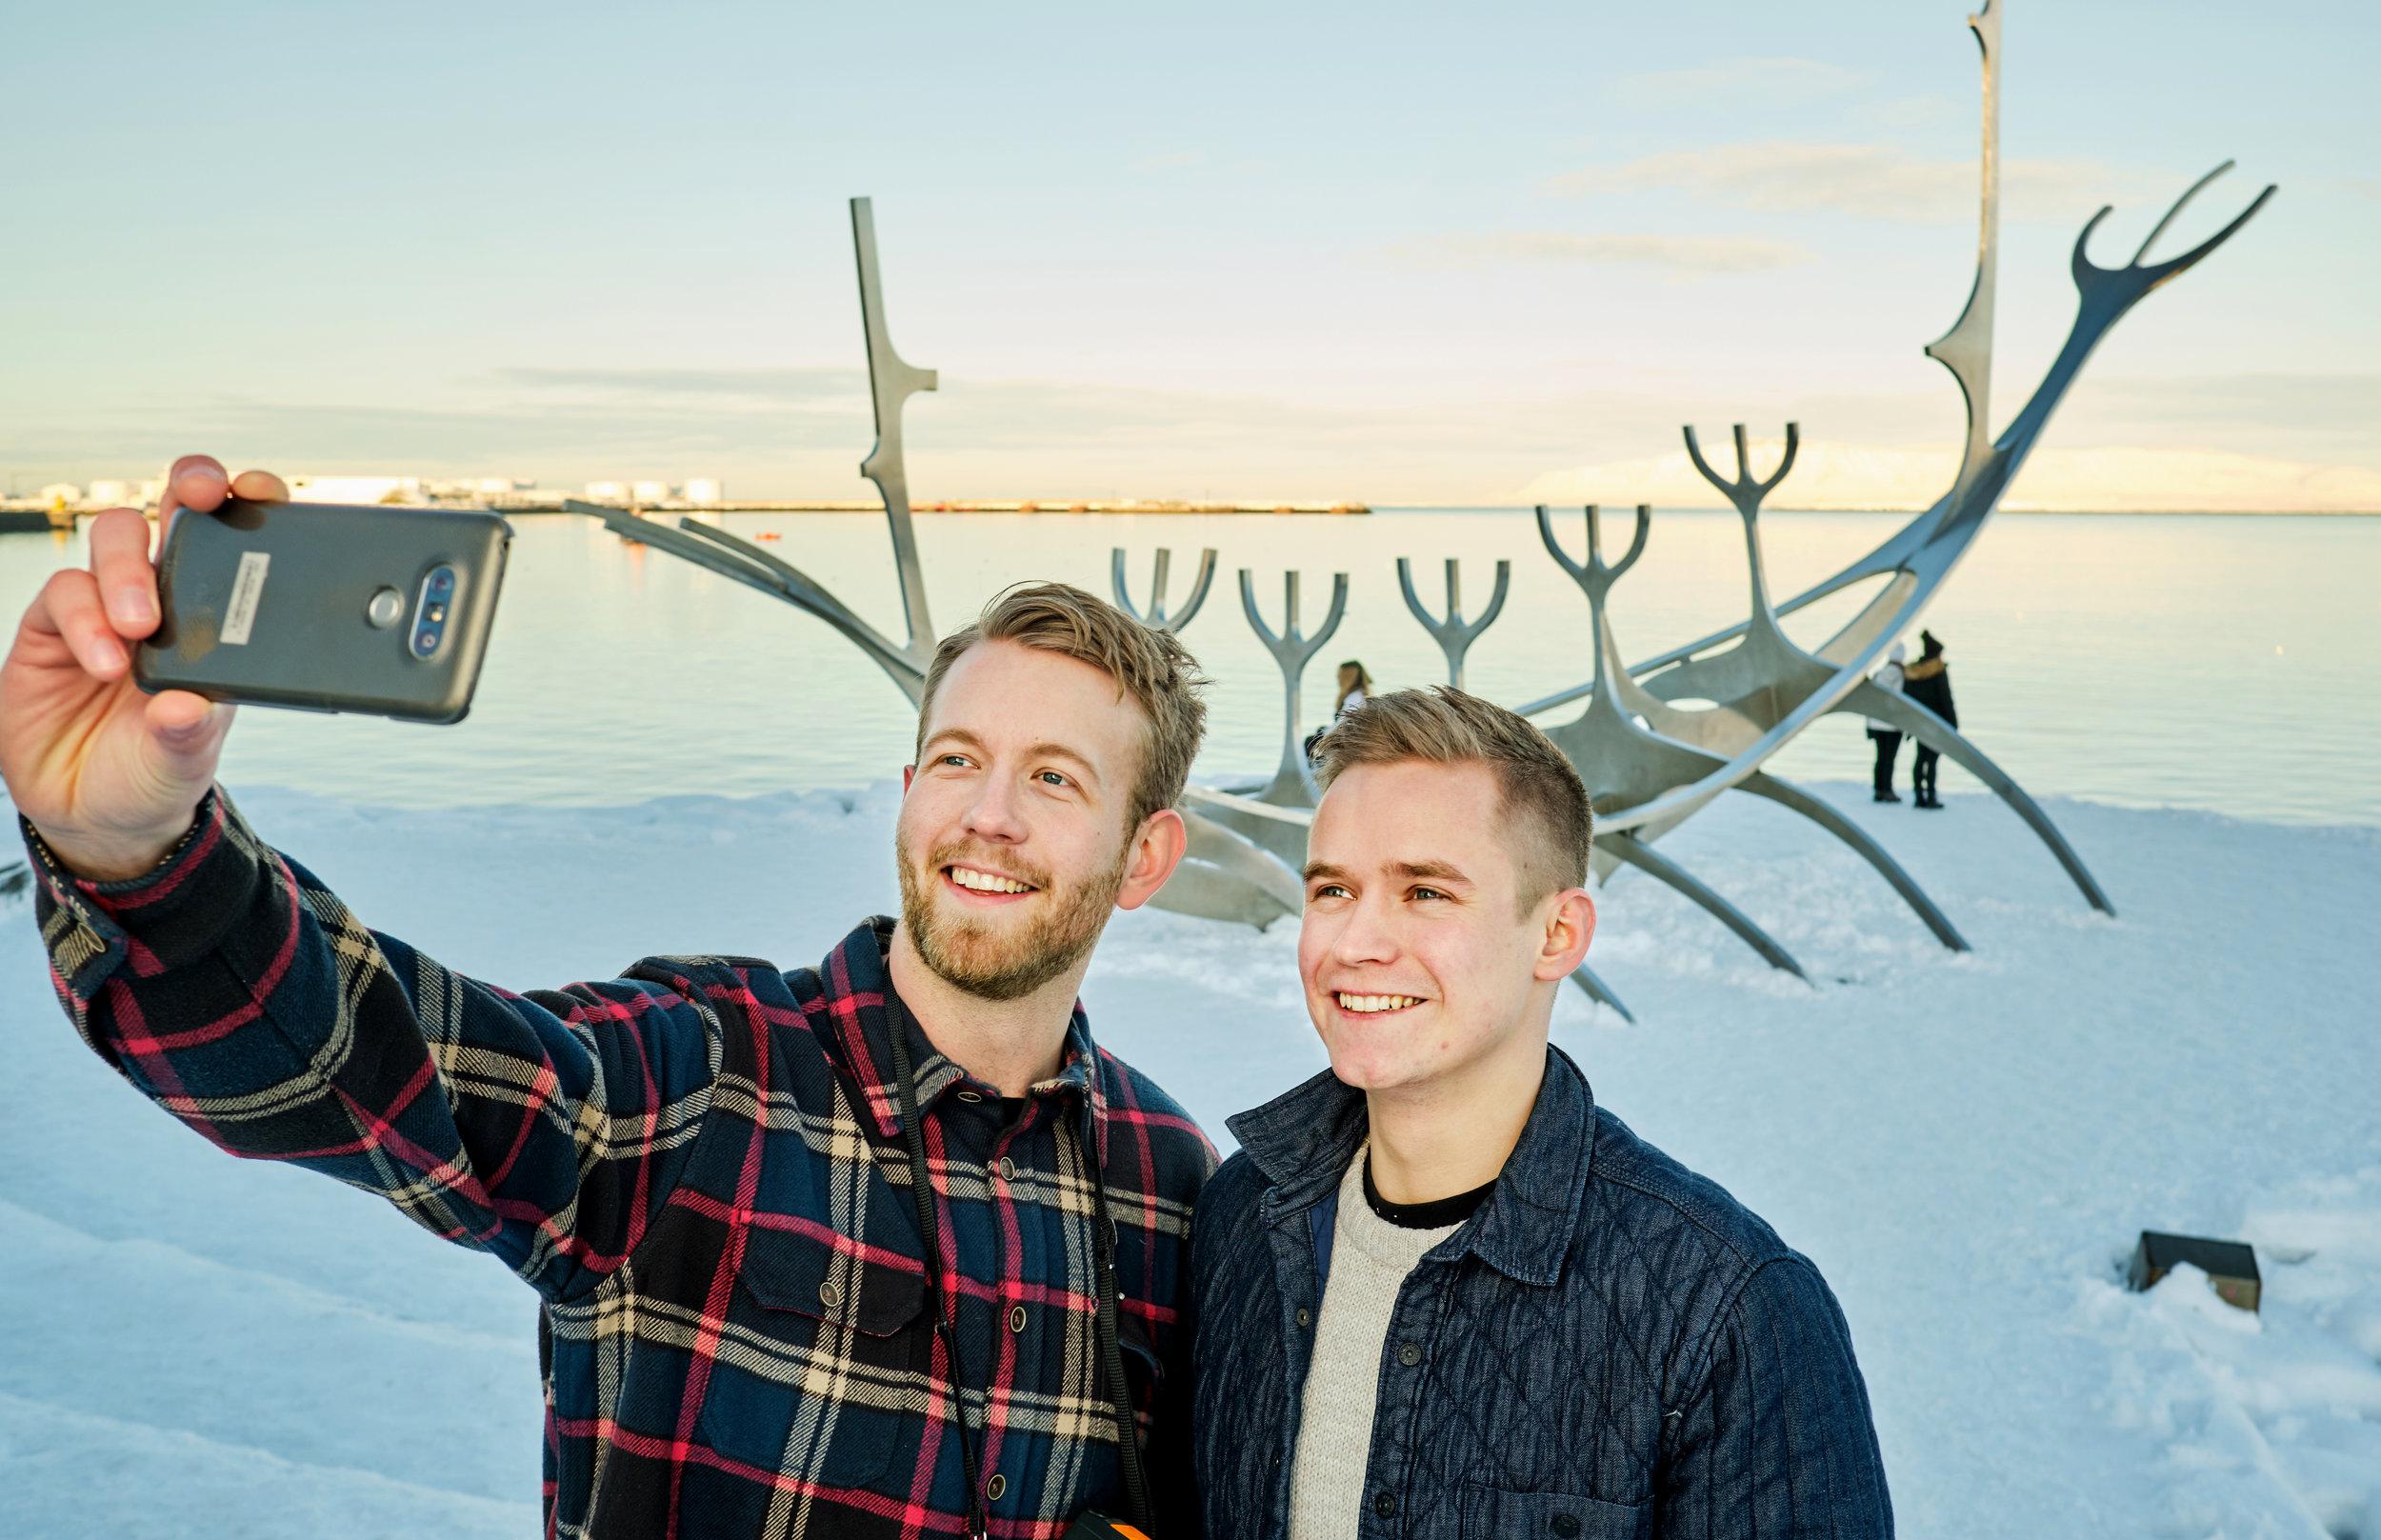 Selfie Station   Myndaupplifun við helstu kennileiti Íslands